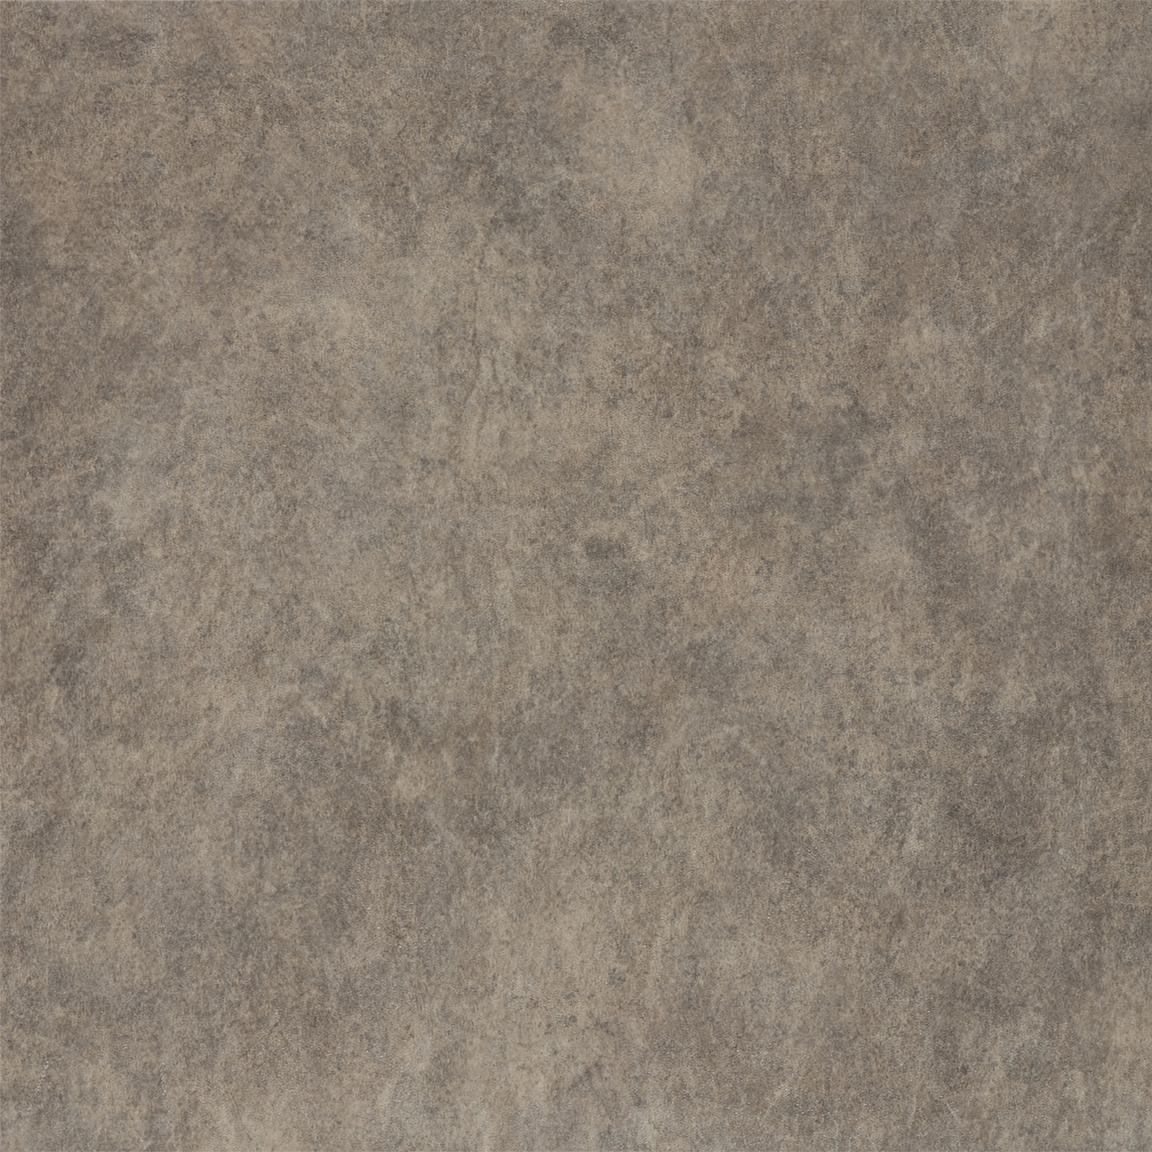 Argyl Slate Mineral tile